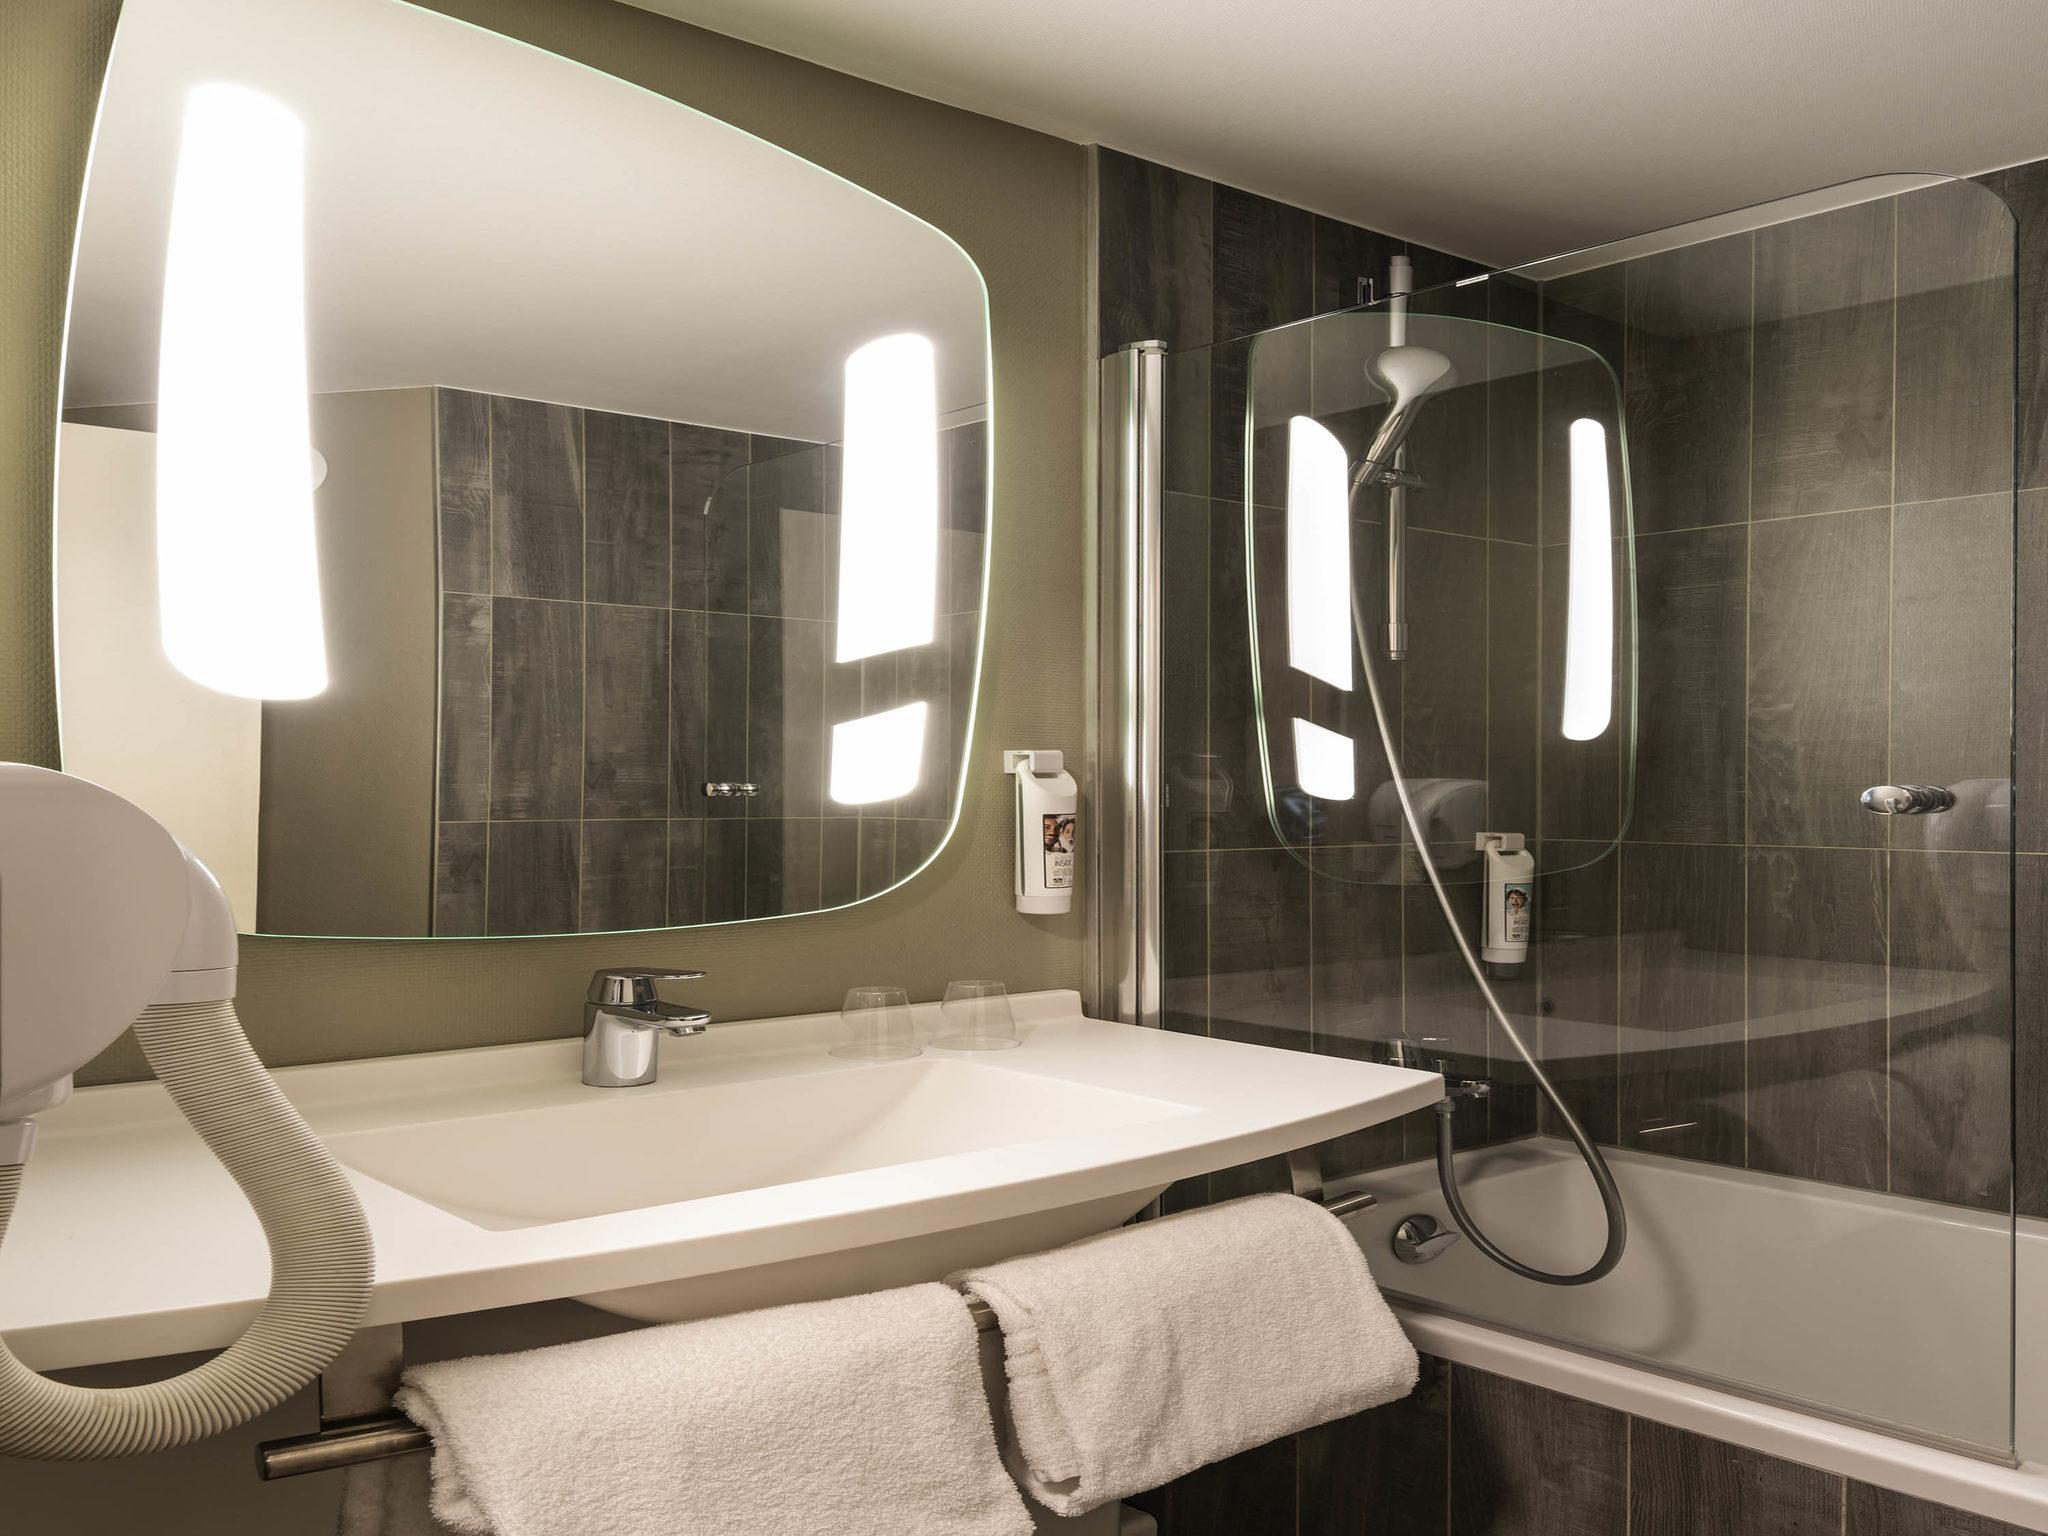 hotel in paris ibis paris alesia montparnasse 14th